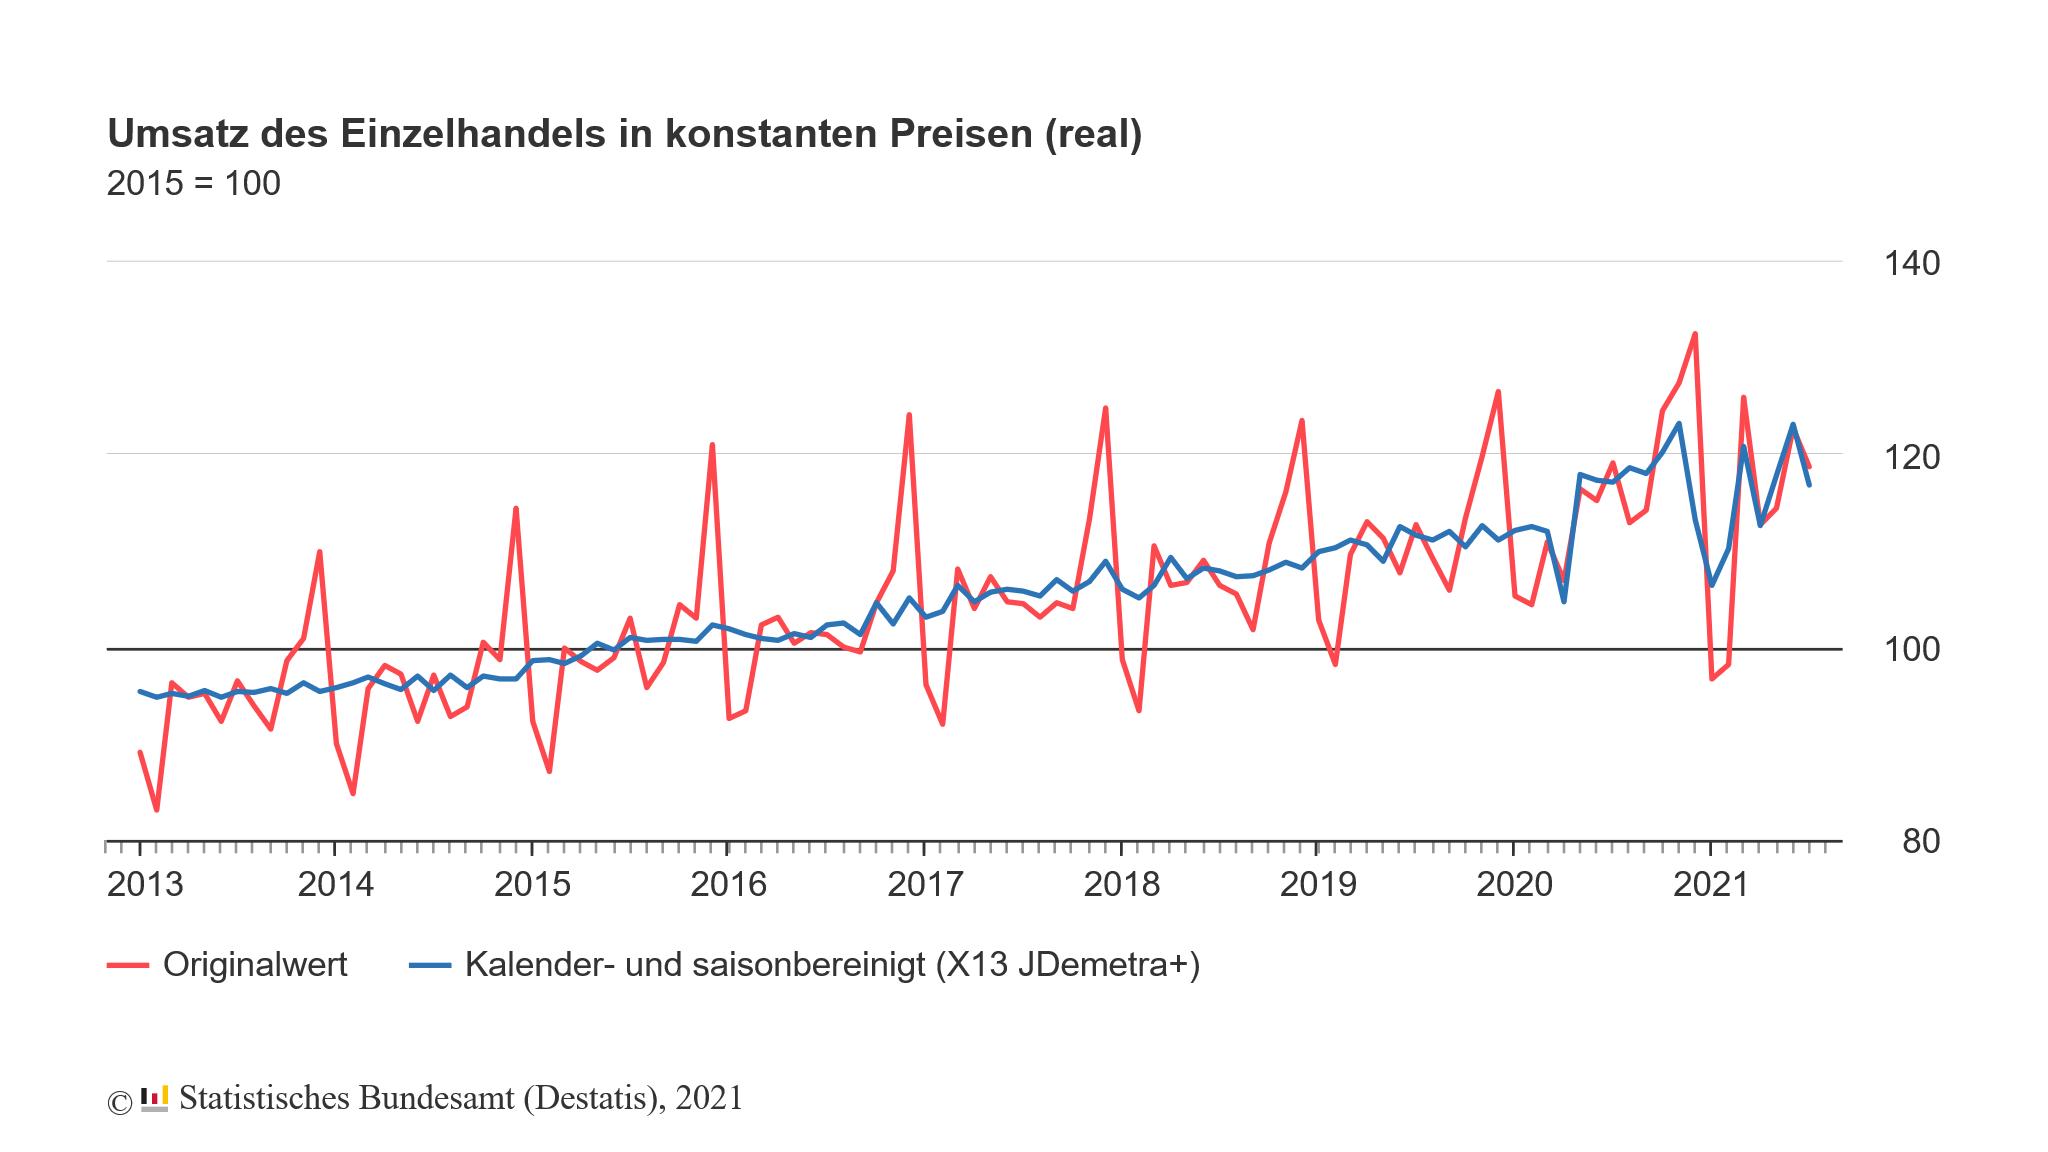 Umsatz des Einzelhandels in Deutschland